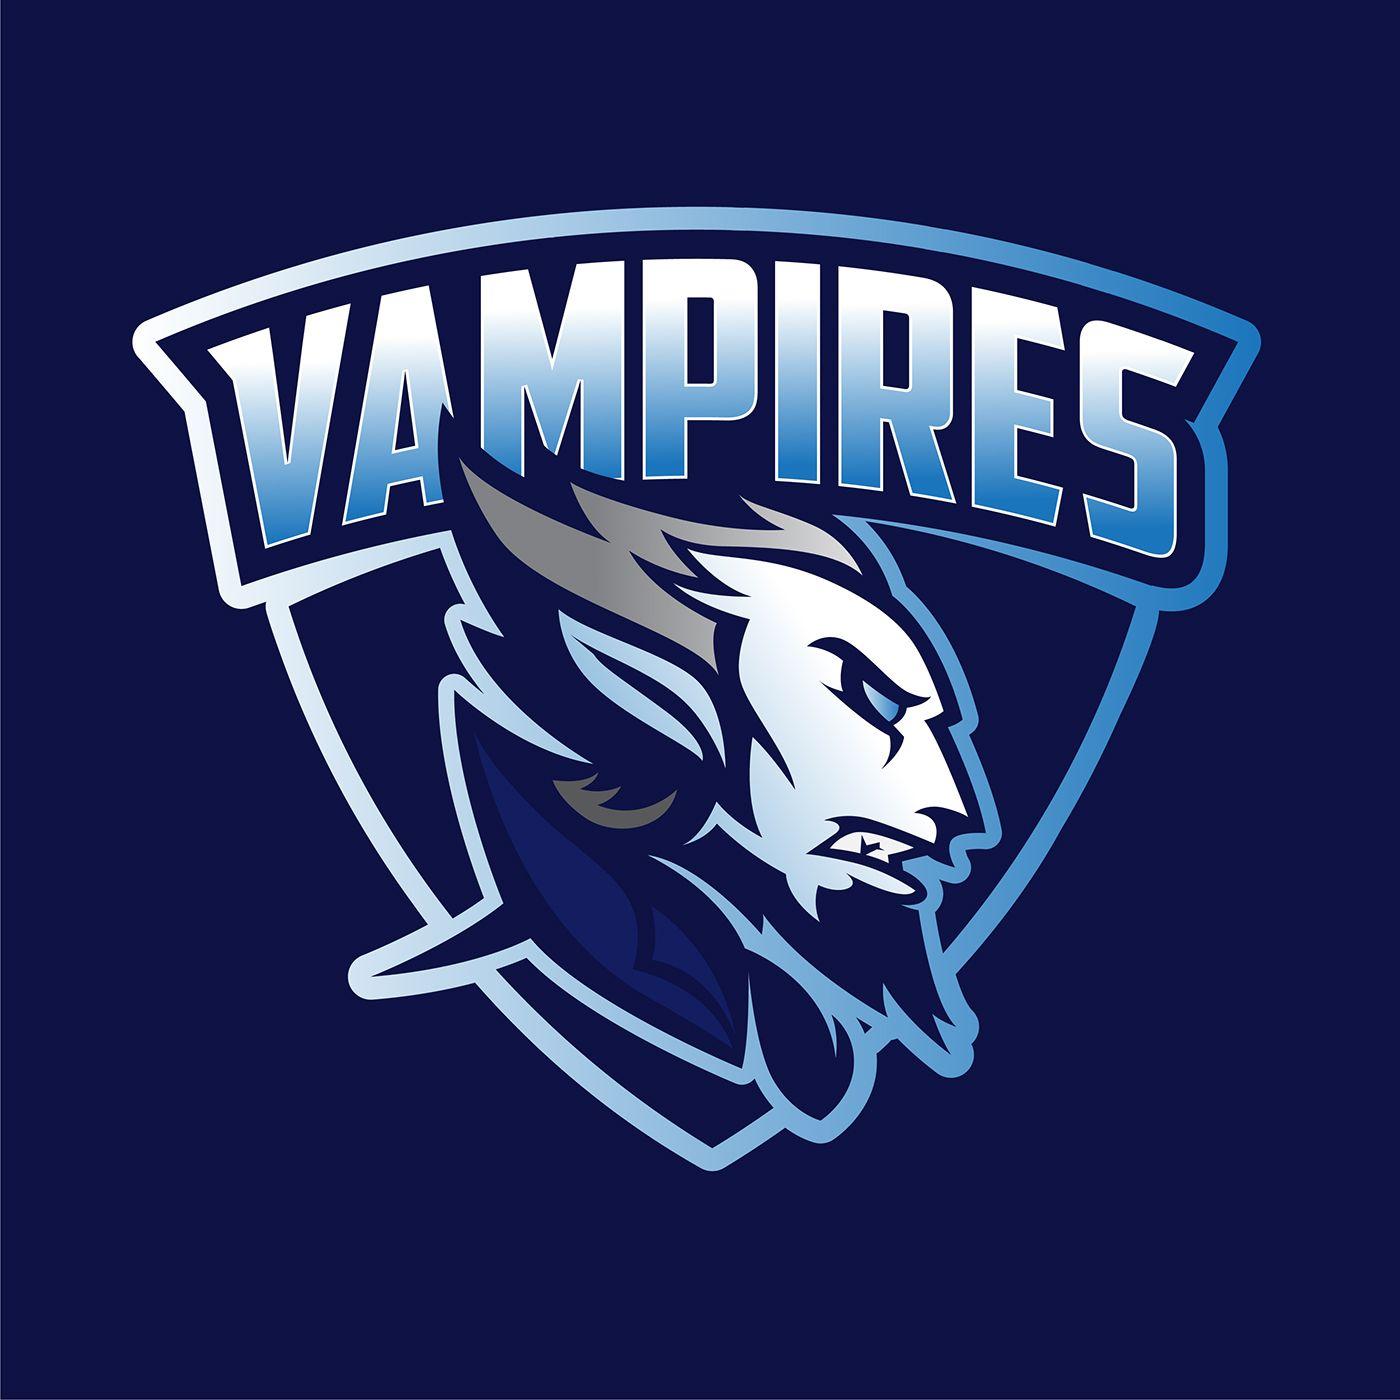 Vampires. Logo concept. For sale. on Behance.